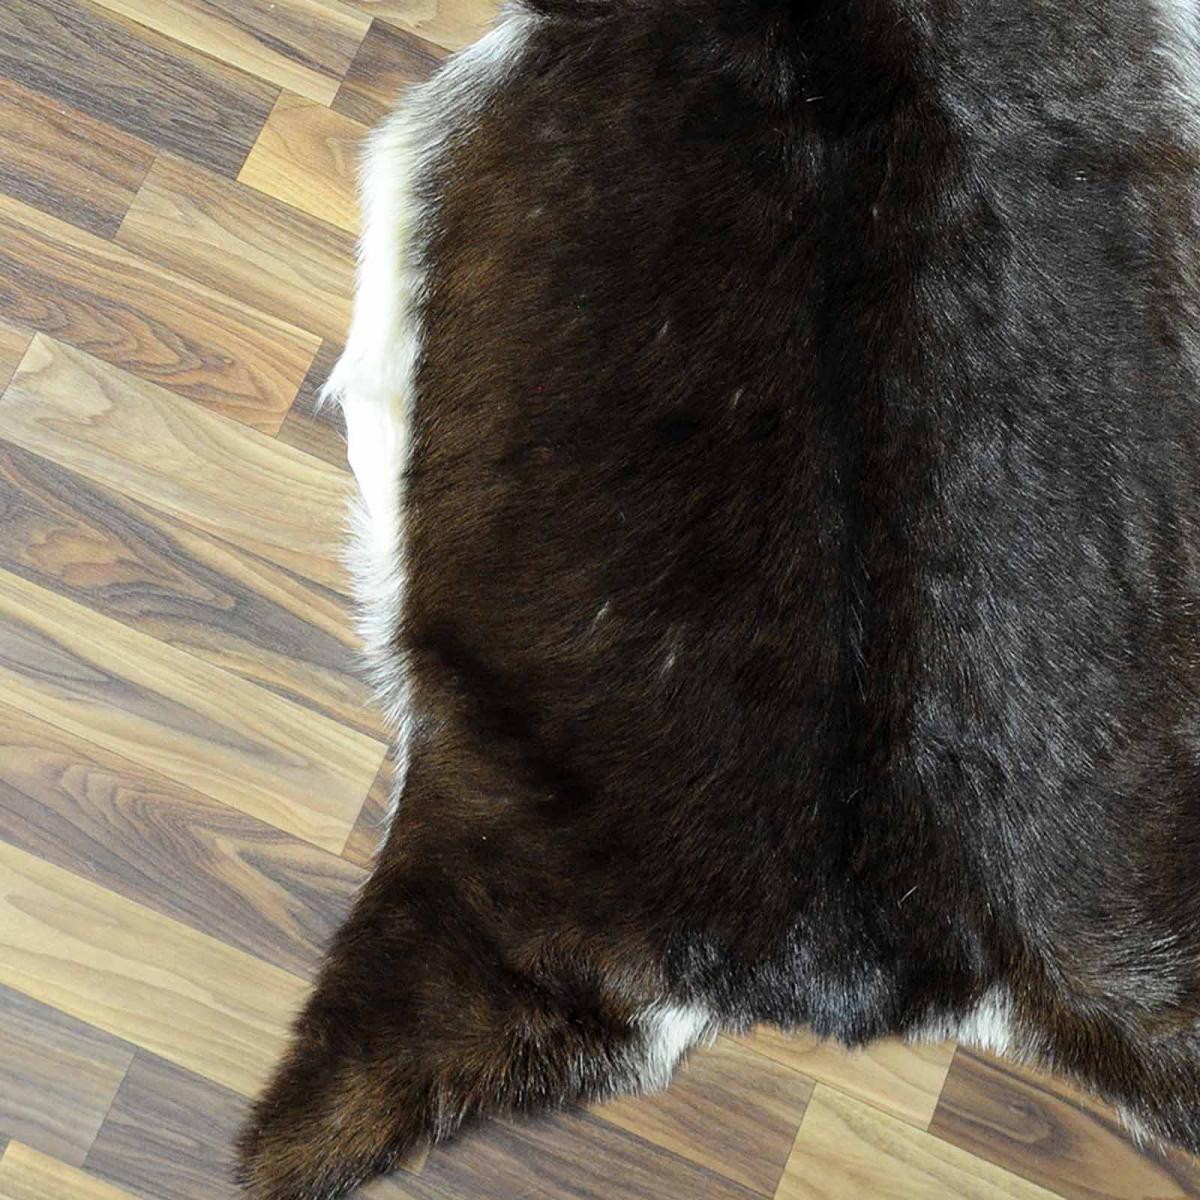 xxl ko schaffell fell creme wei 125x80 fellteppich 4994 4994. Black Bedroom Furniture Sets. Home Design Ideas